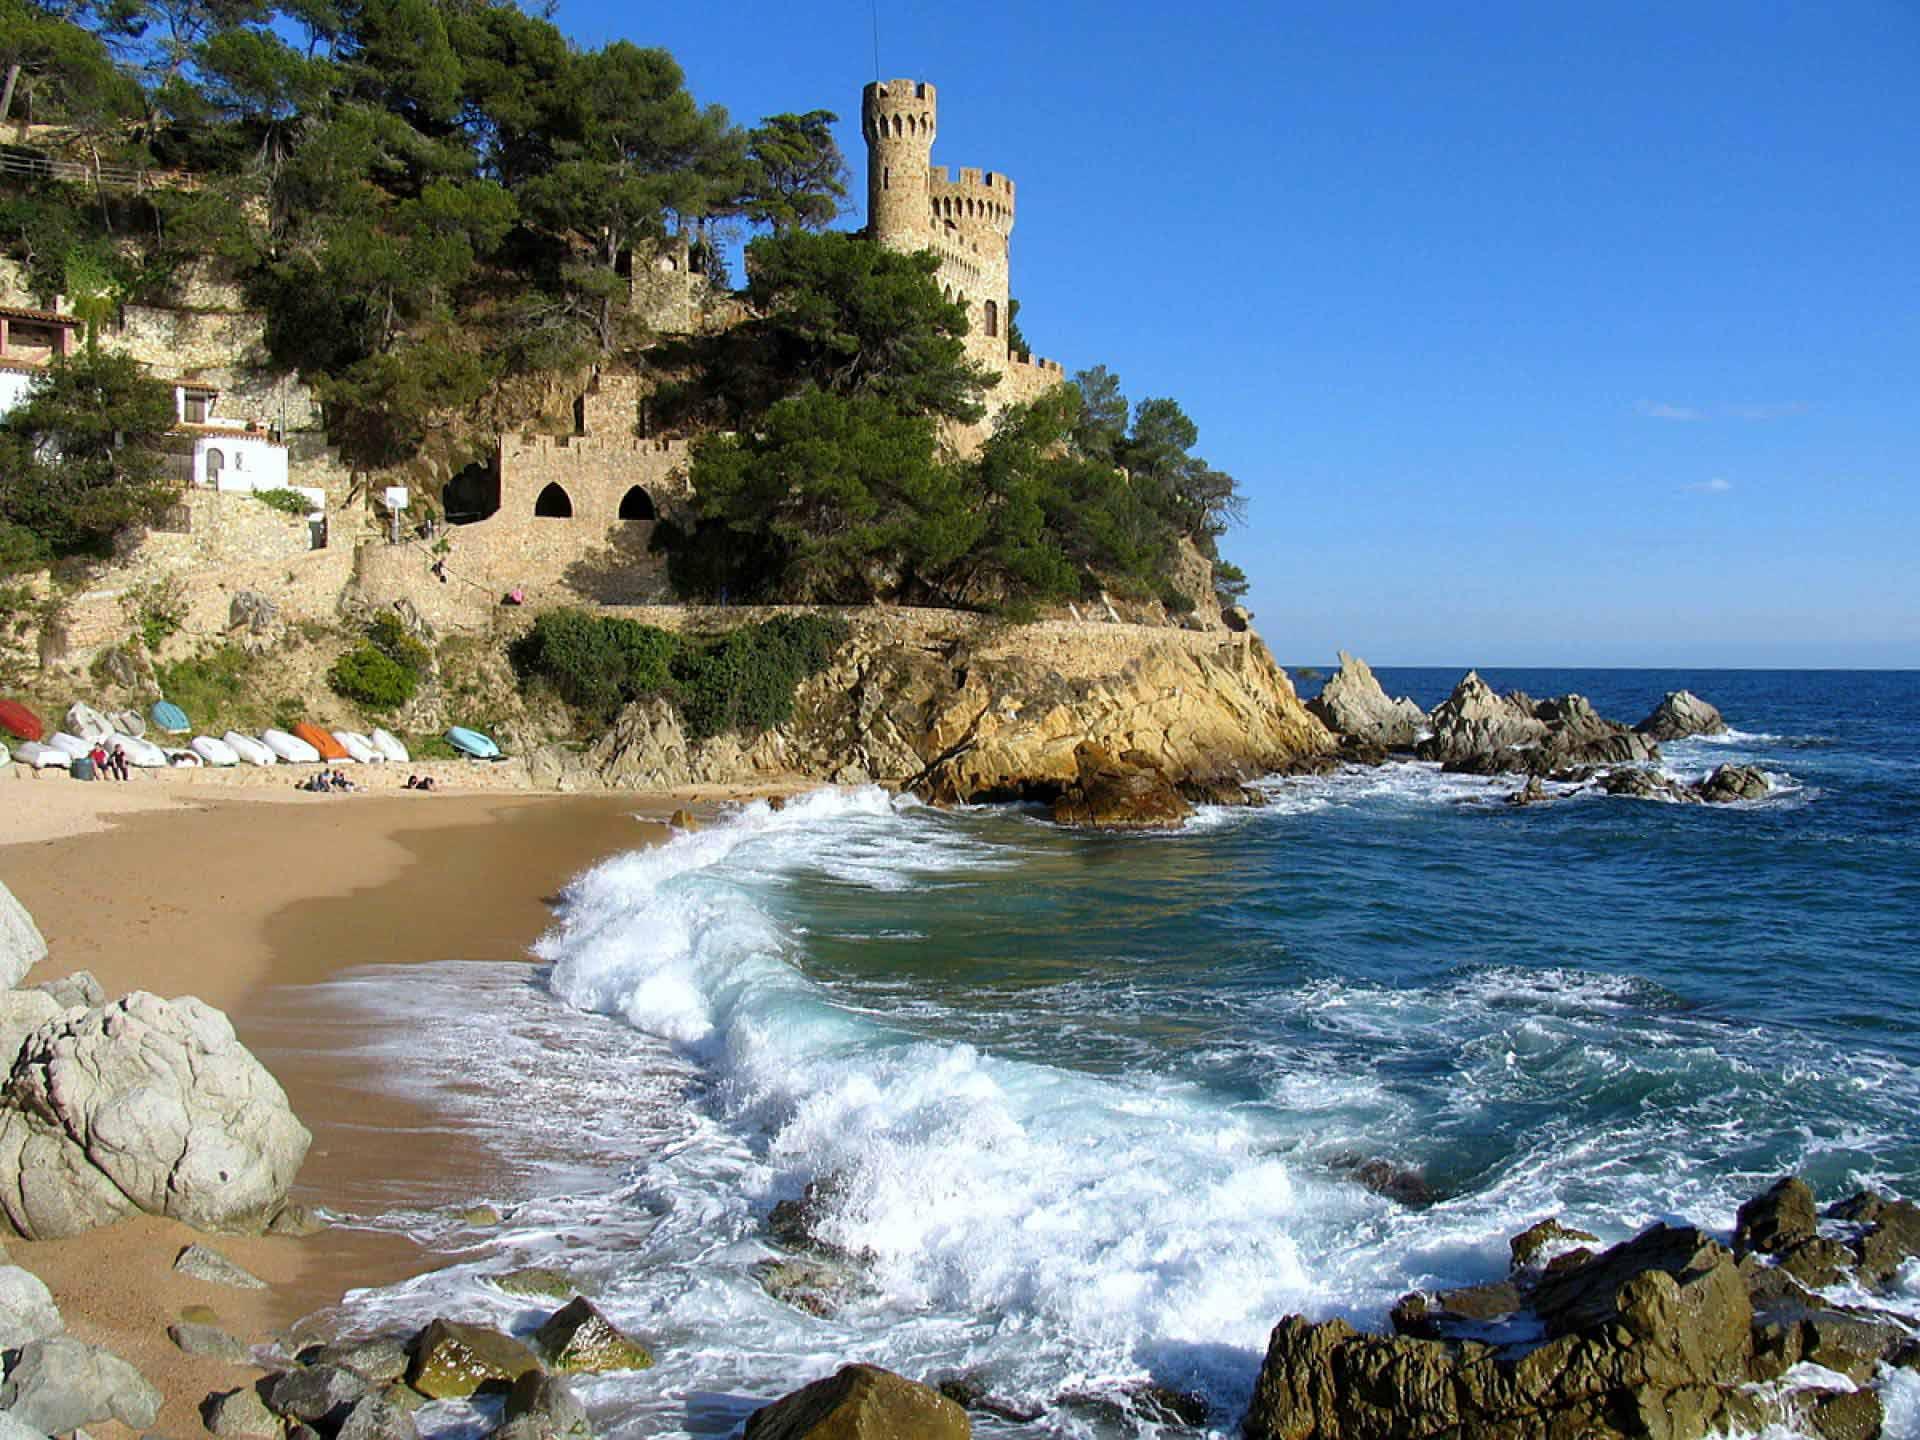 фото испании красивых мест загадок